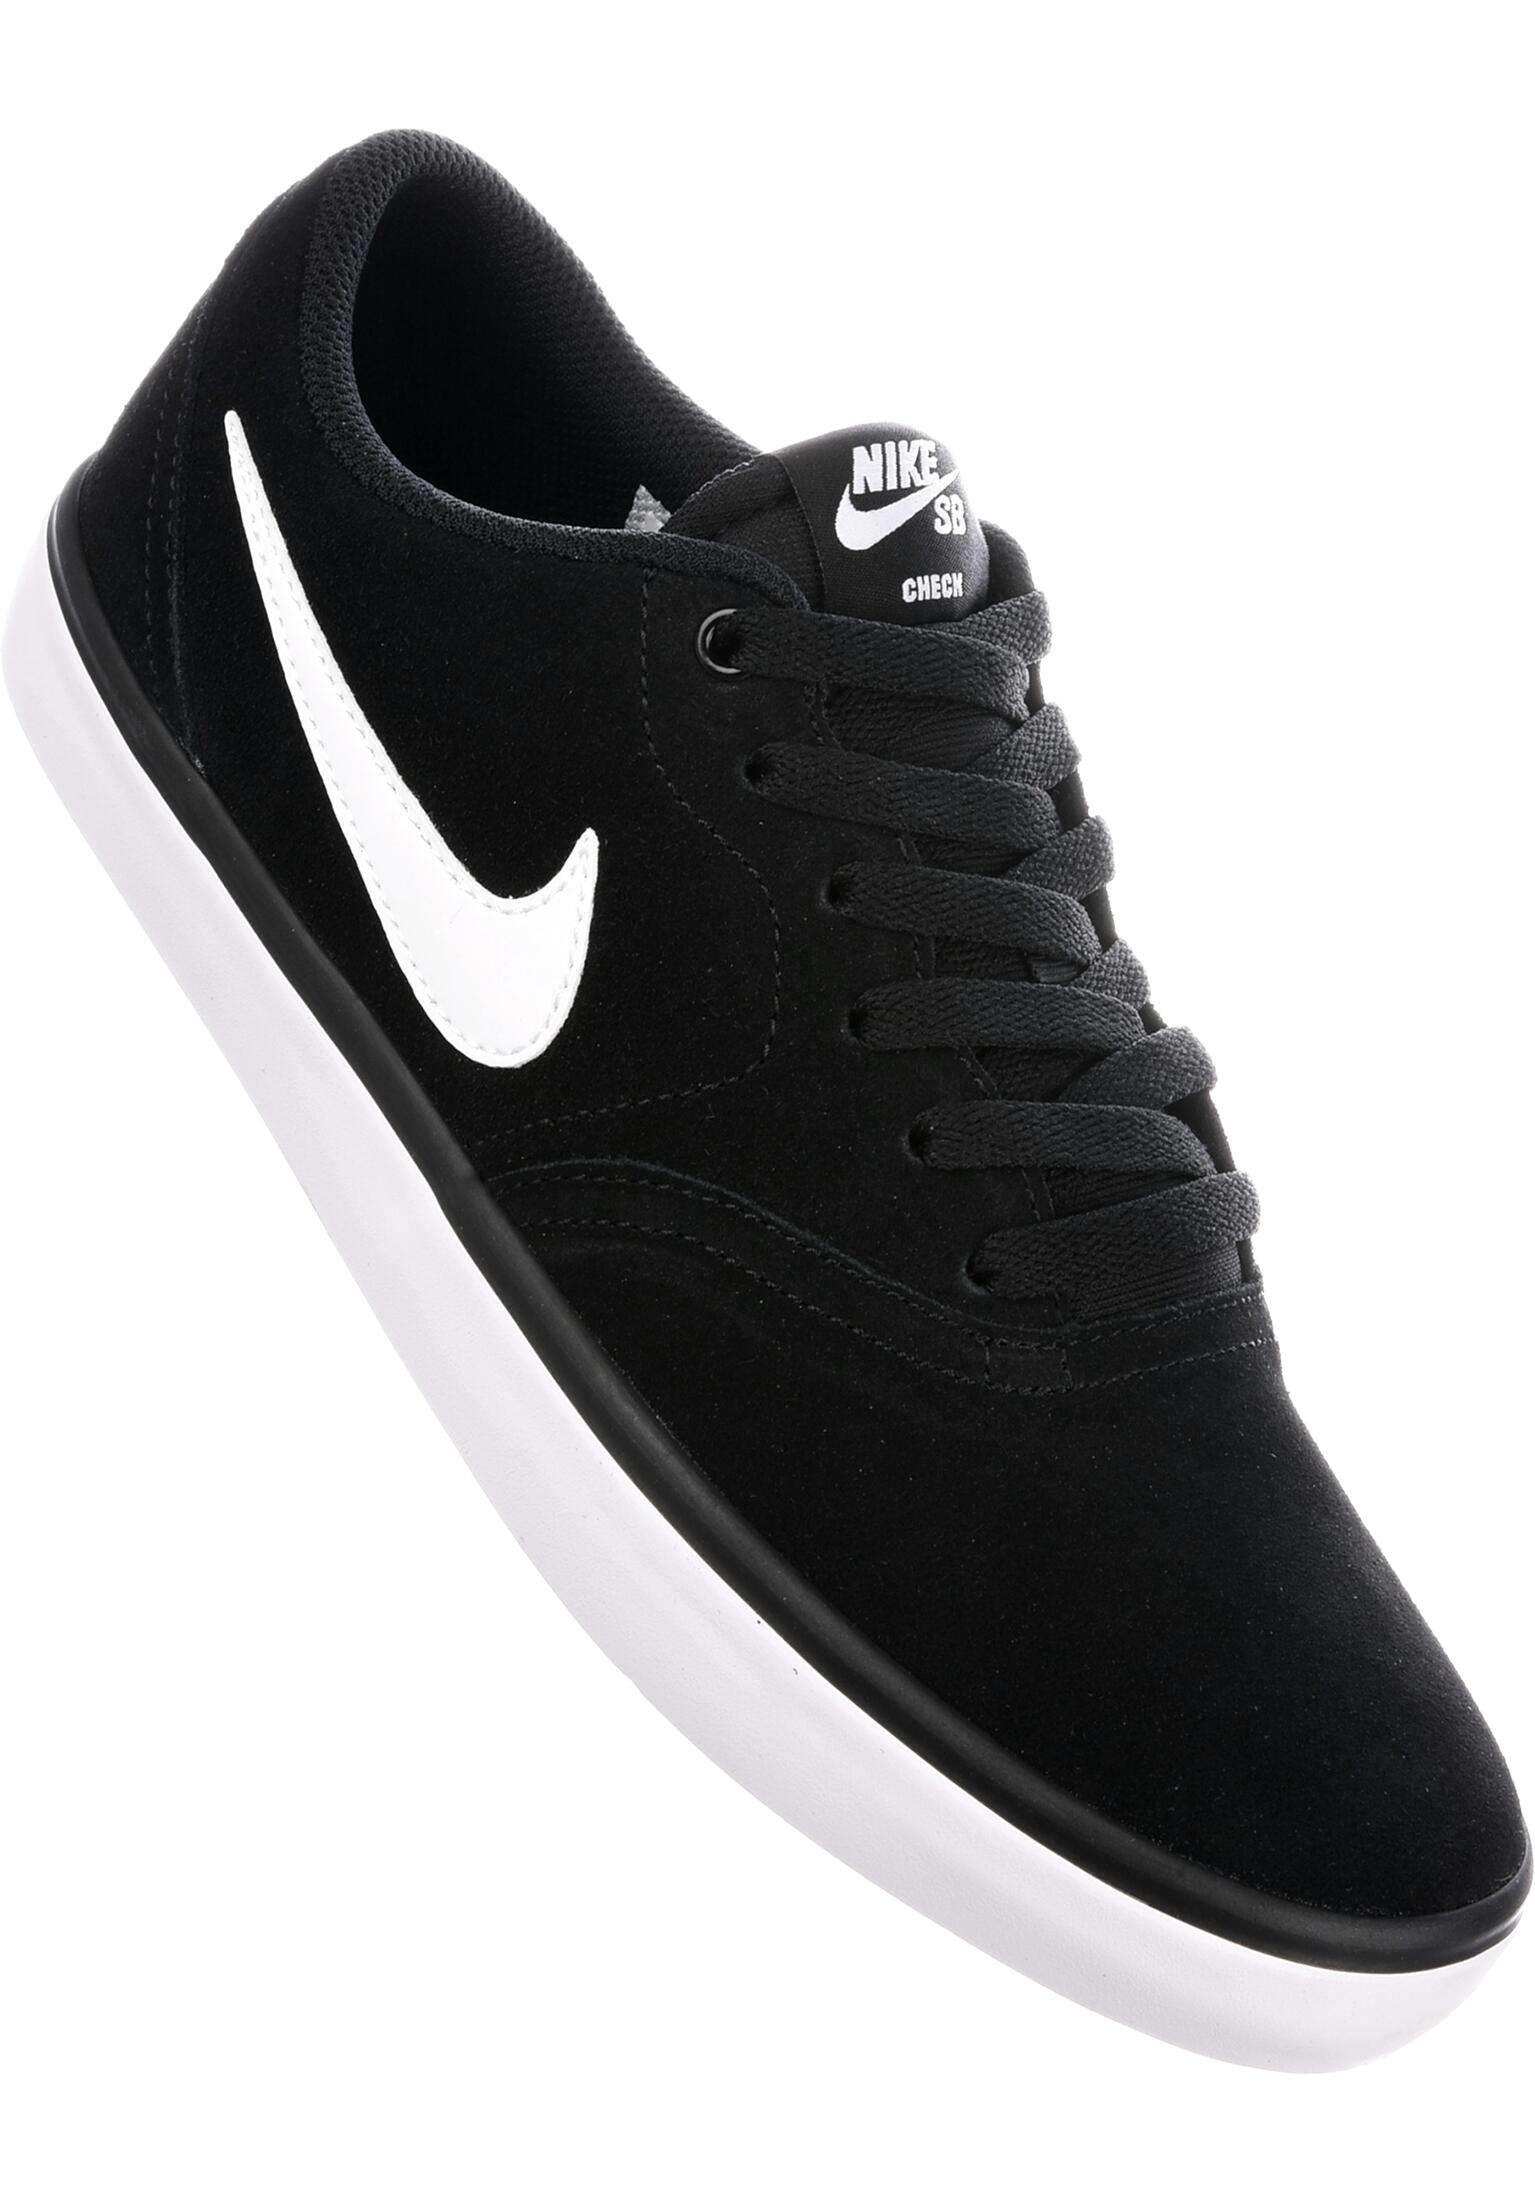 98f0c225a0668 Check Solarsoft Nike SB Alle Schuhe in black-white für Herren